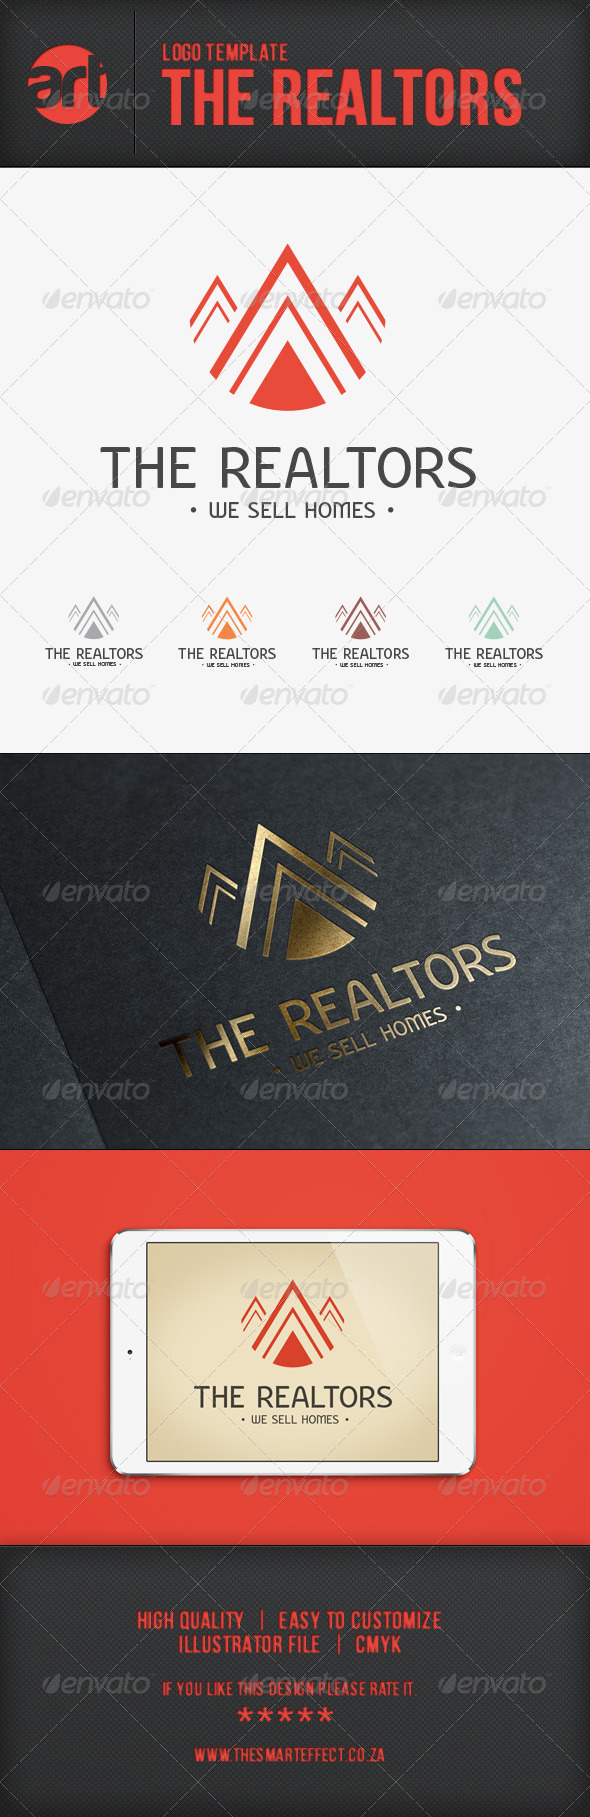 GraphicRiver The Realtors Logo Template 6533309